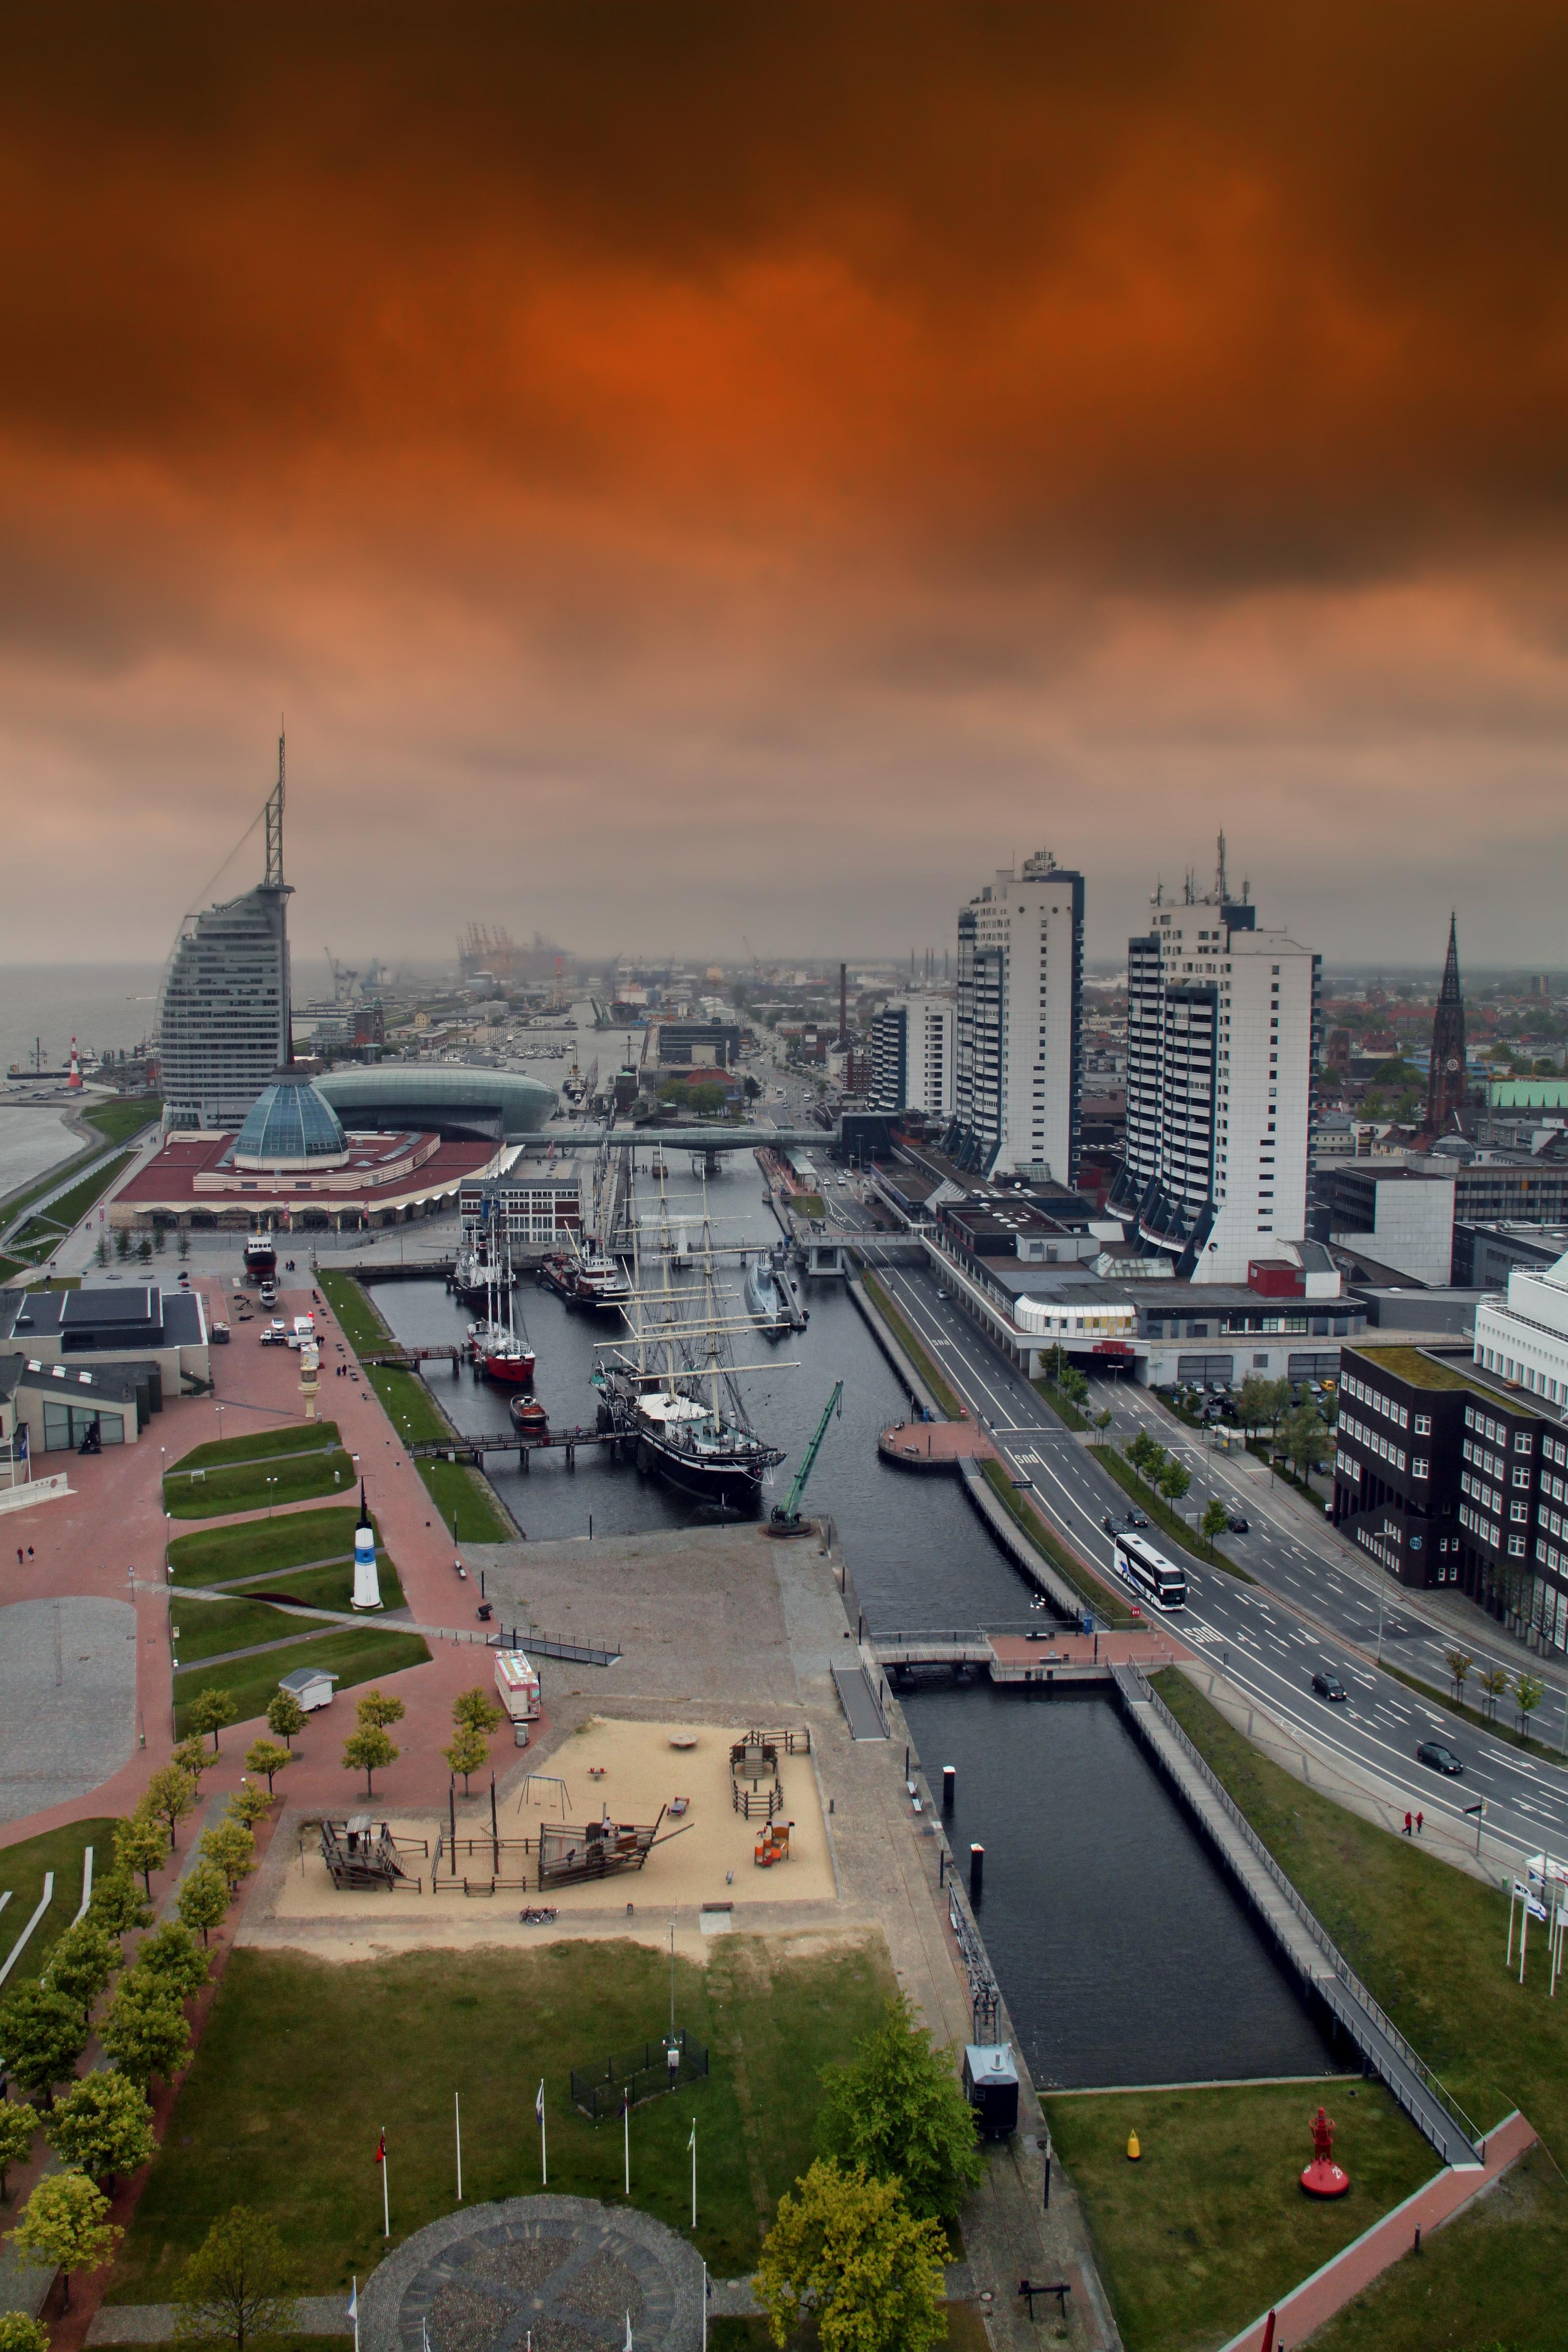 Innerhalb von vier Jahren hat Bremerhaven die Passagierzahlen in der Kreuzfahrt vervierfacht: auf 260.000 Kreuzfahrtgäste und 115 Anläufe in 2019.